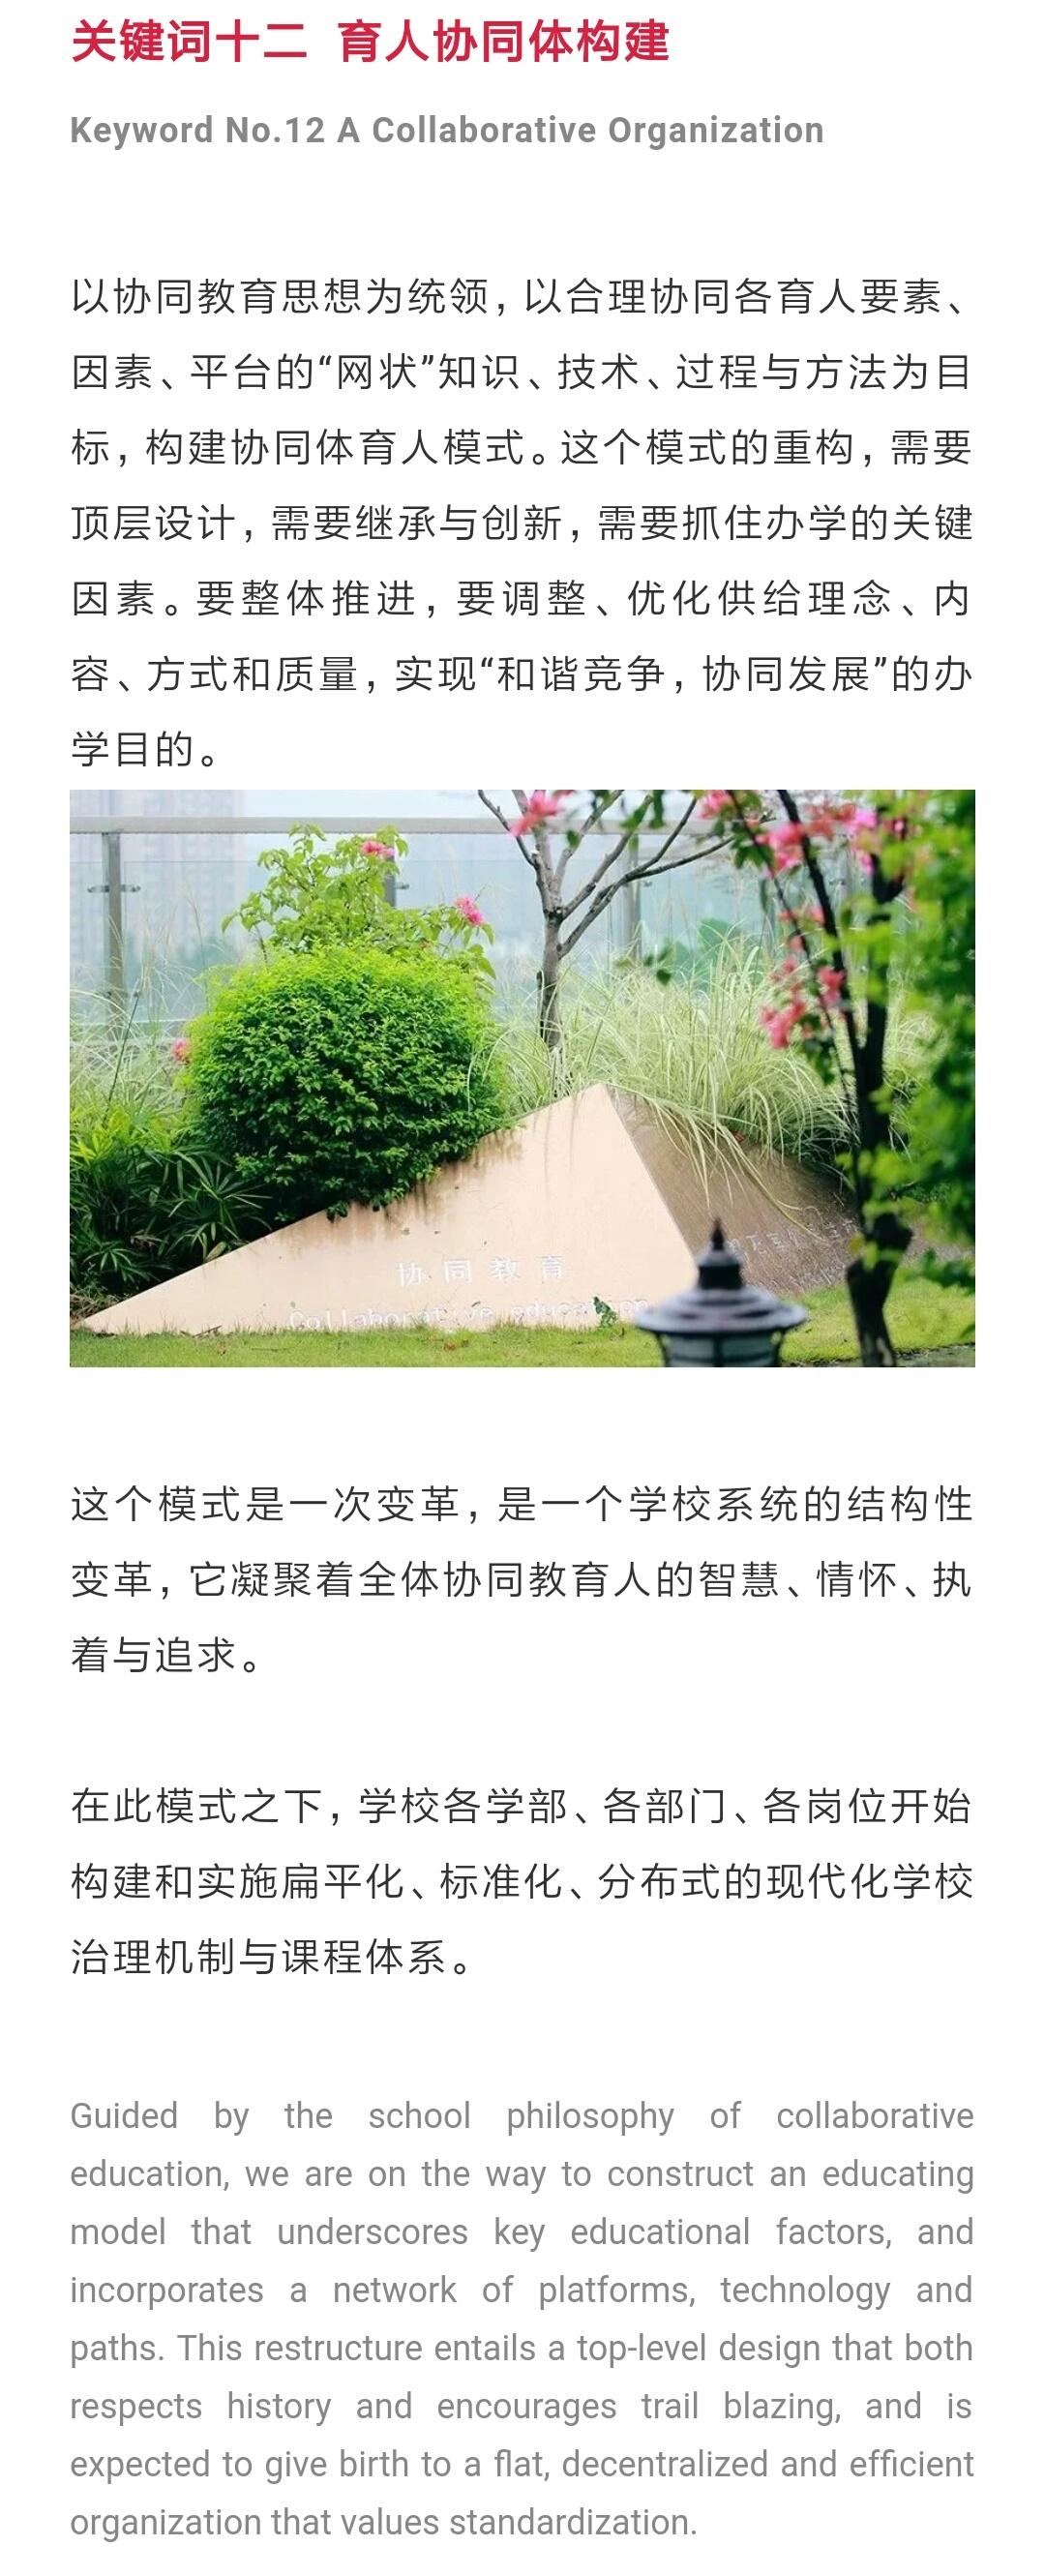 Screenshot_2019-02-19-22-44-27-498_com.tencent.mm.png